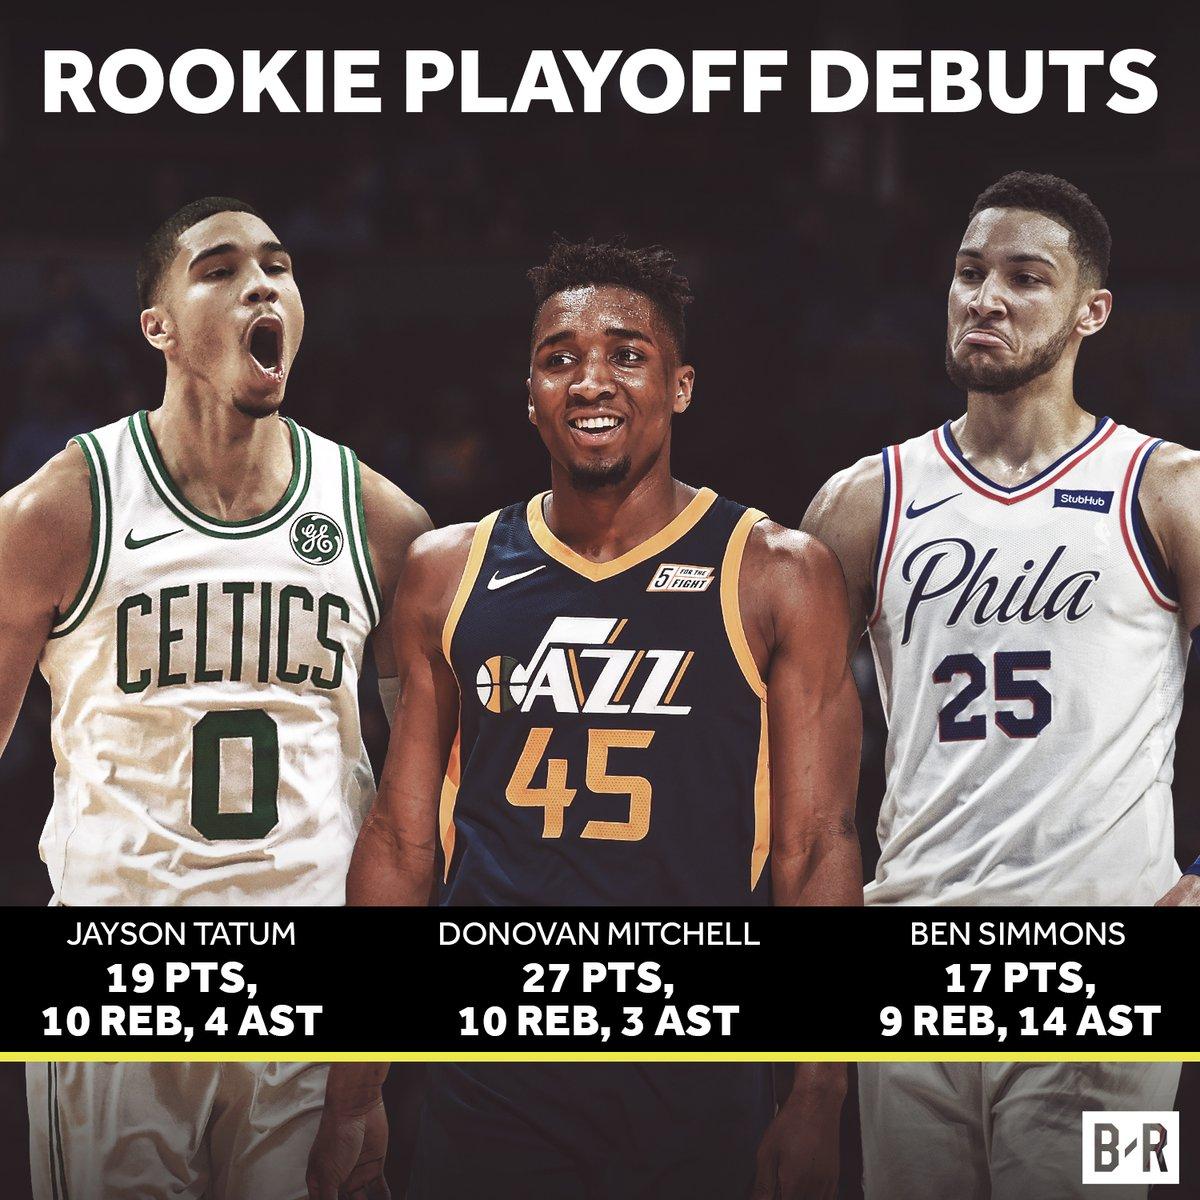 媒体发图展示三位新秀季后赛首秀数据对比